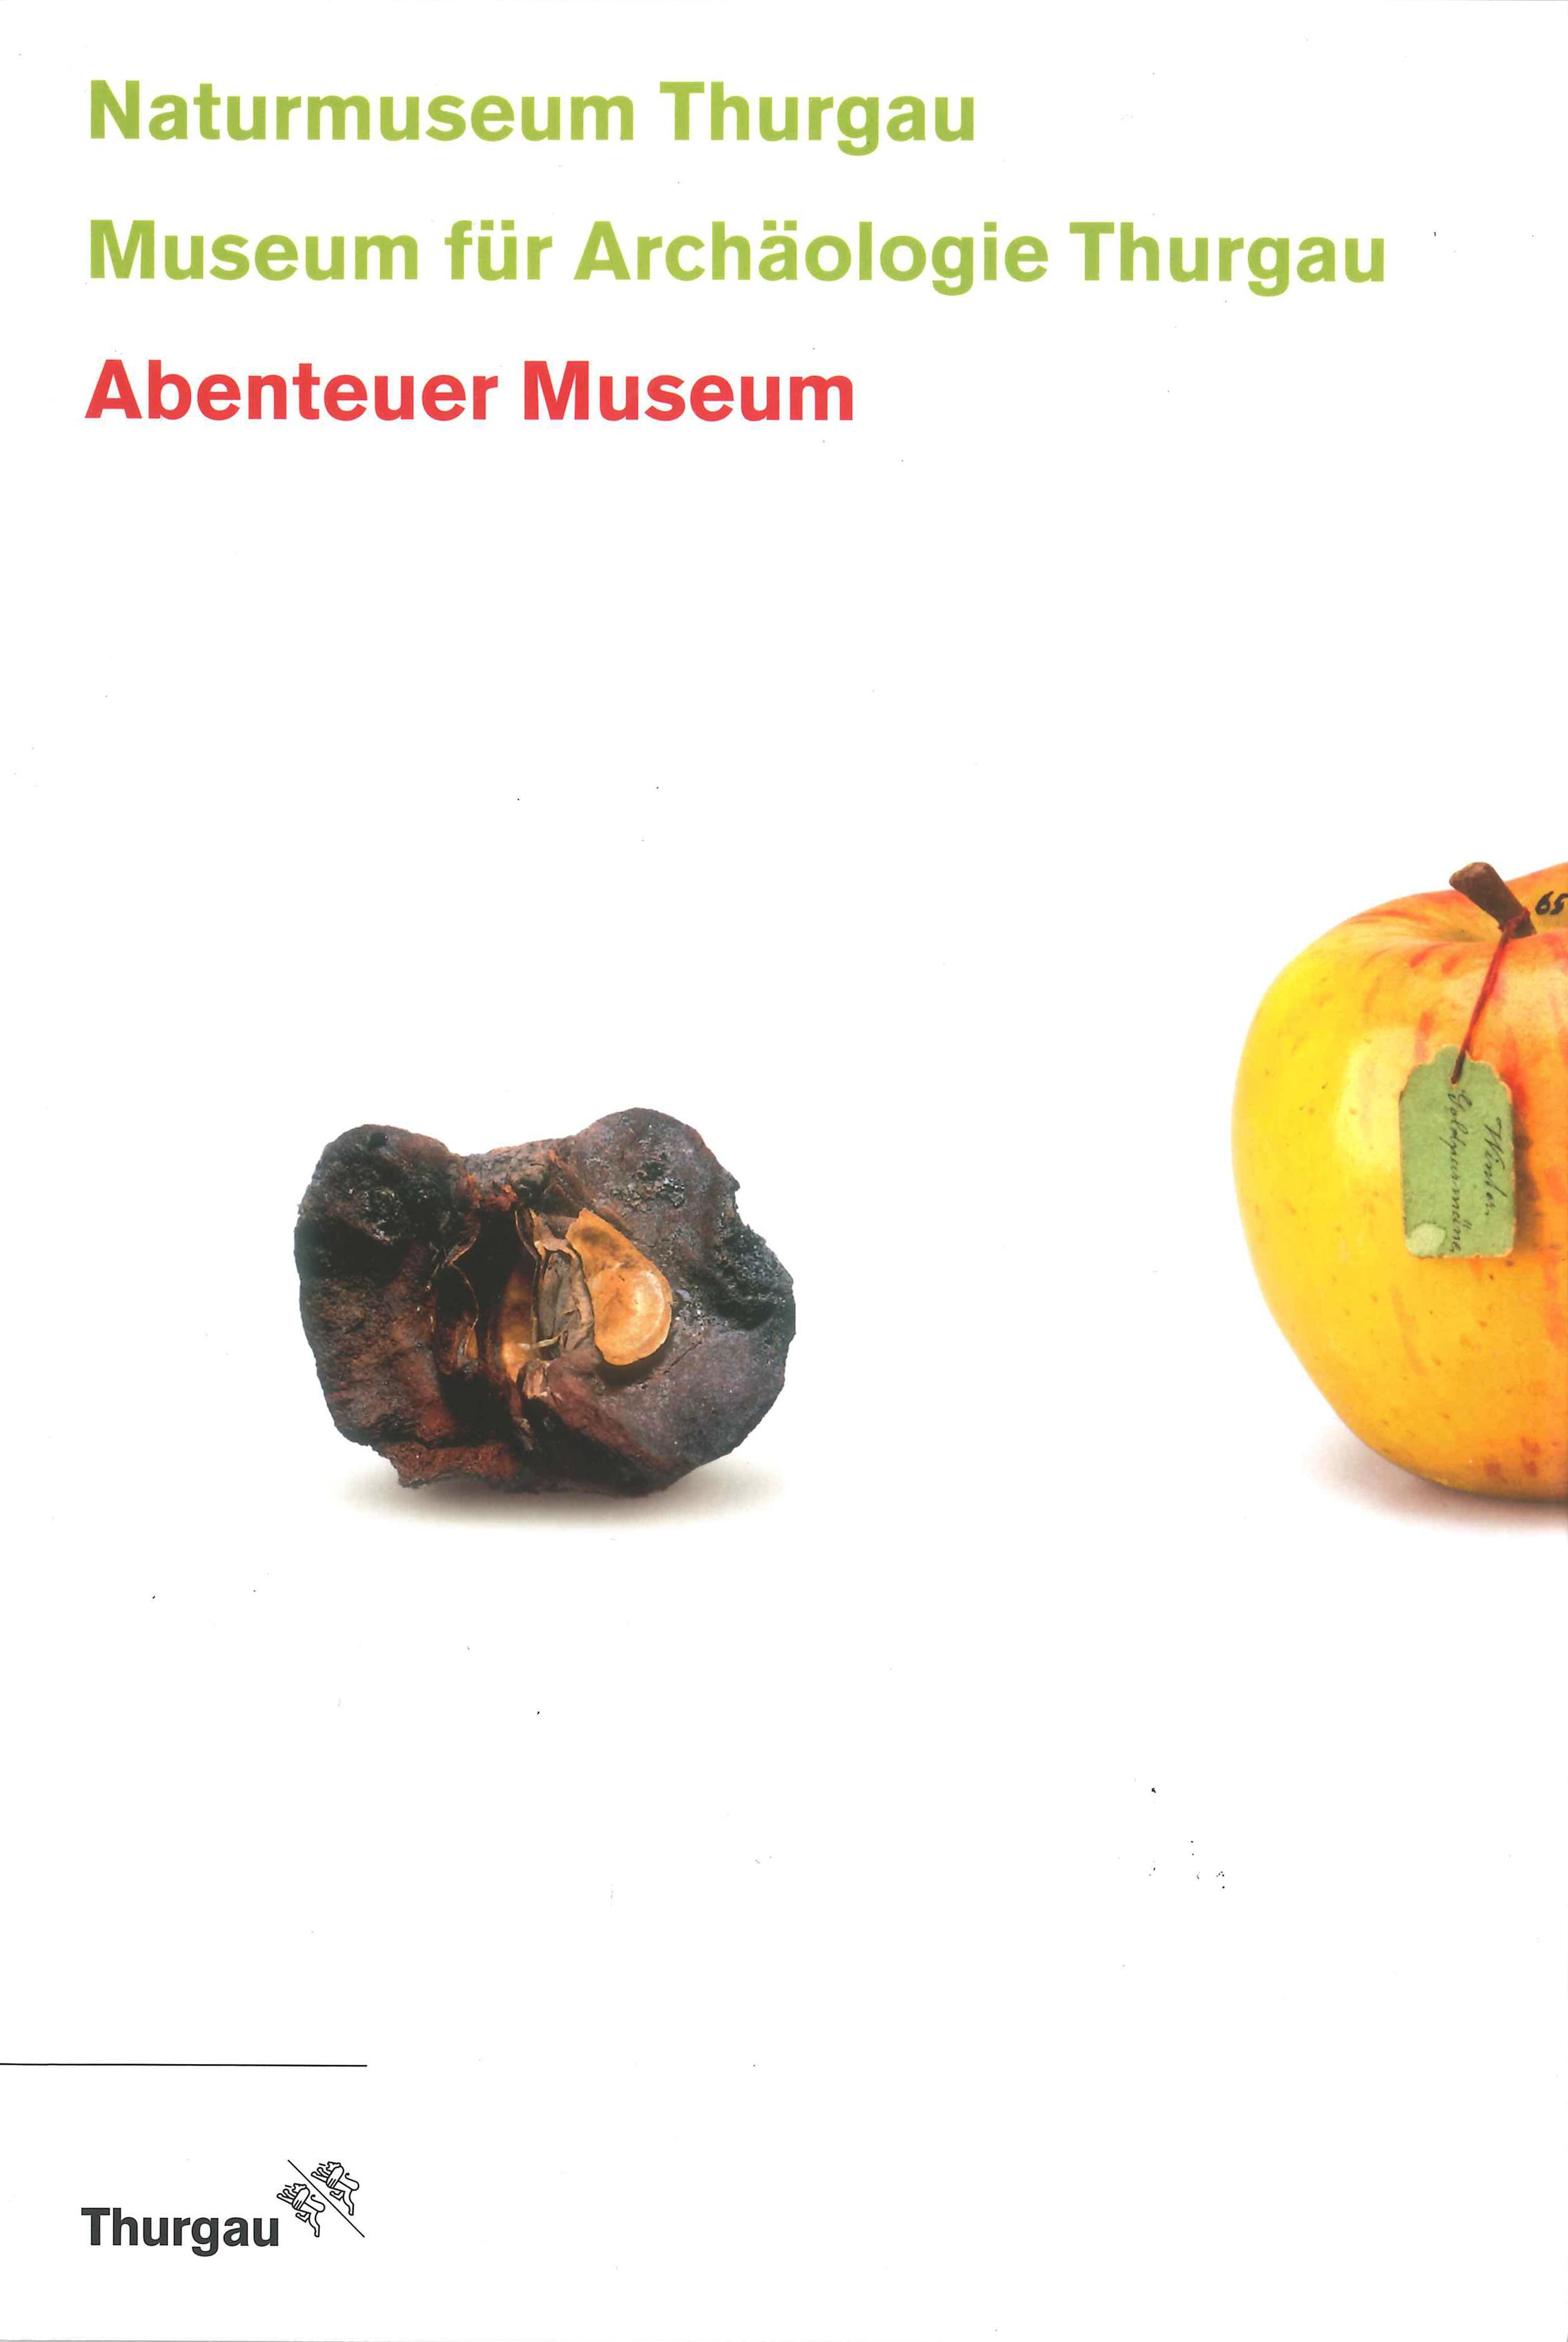 Abenteuer Museum